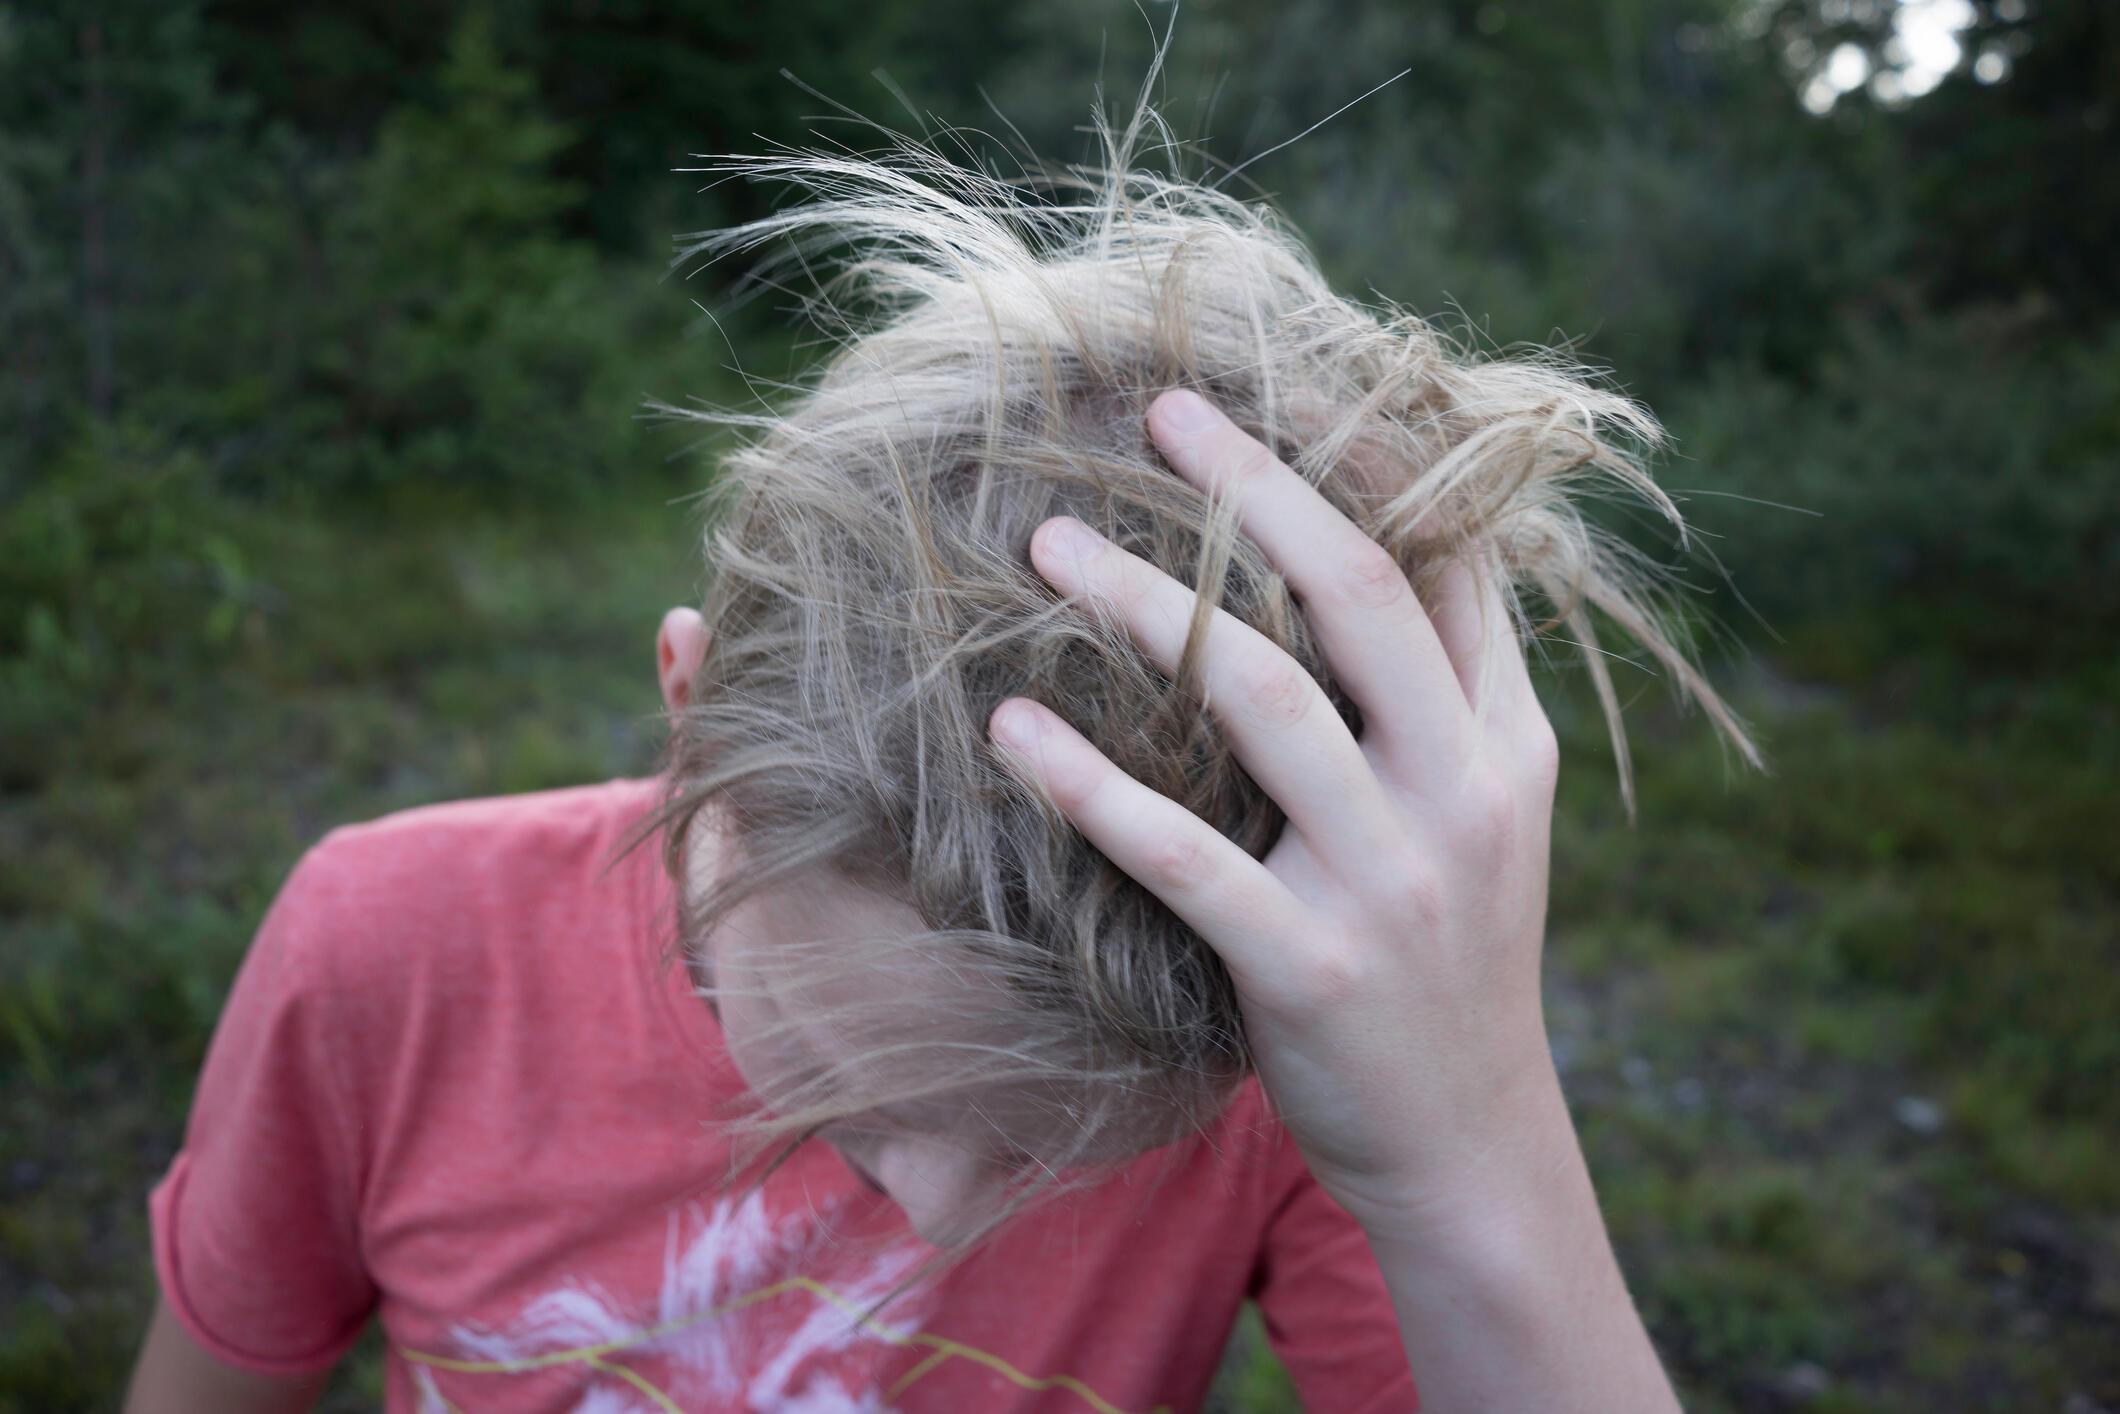 """Báo """"60 triệu người tiêu thụ/60 millions de consommateurs"""" công bố một nghiên cứu gây chấn động về chất độc gây rối loạn nội tiết, tìm thấy trên tóc trẻ em"""